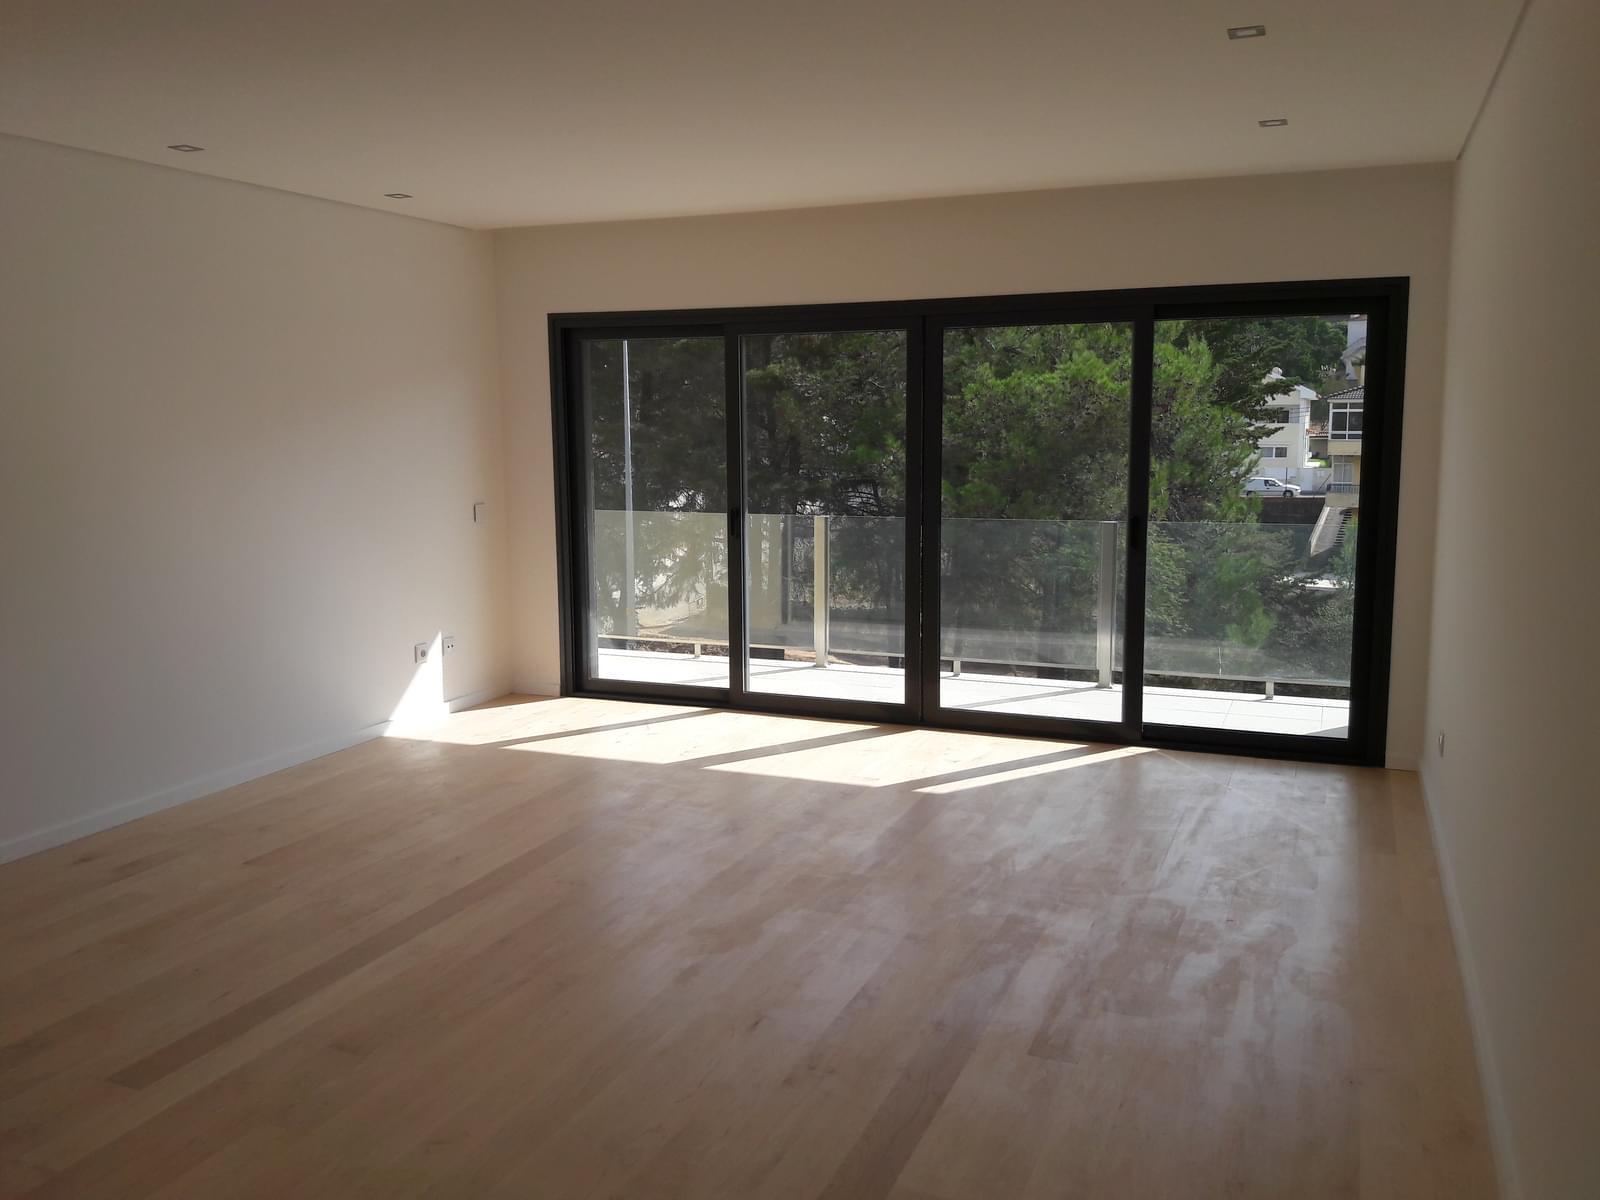 pf18284-apartamento-t2-cascais-34f20978-fb24-465a-ab20-75c8be152f7e